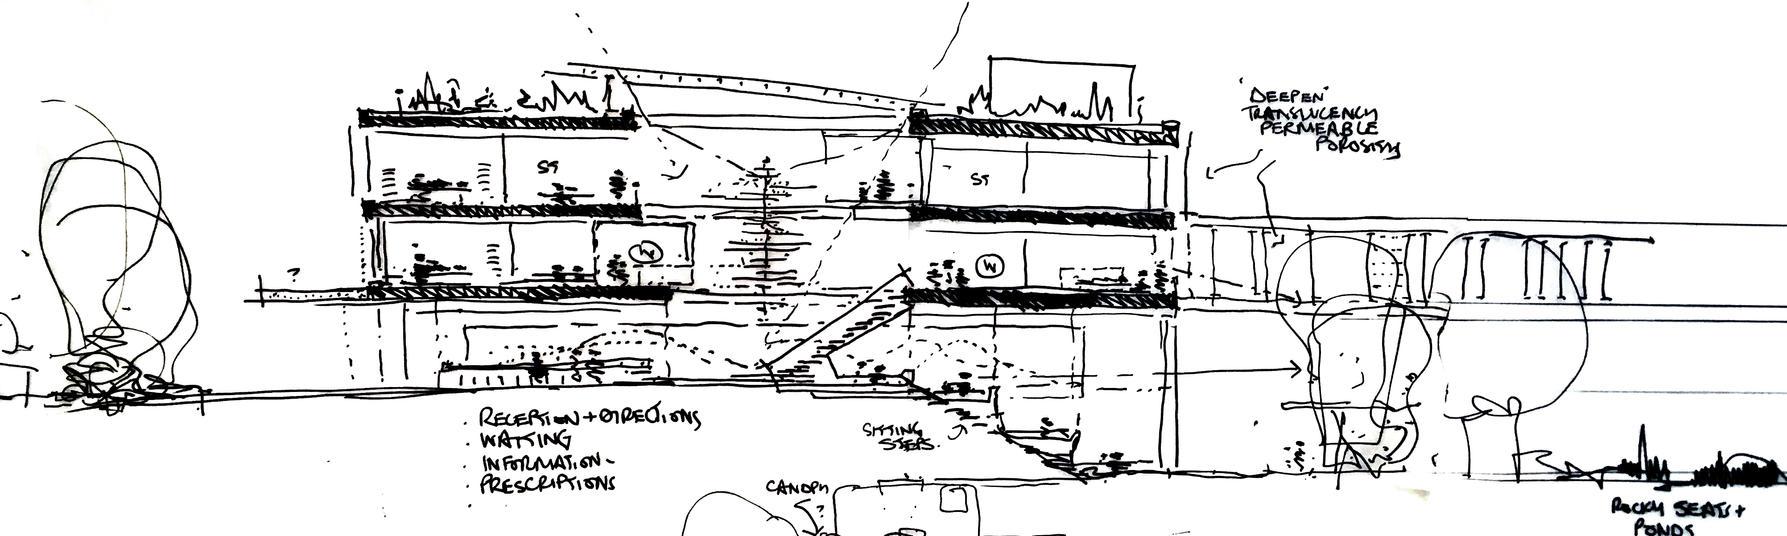 4 sketch.jpg